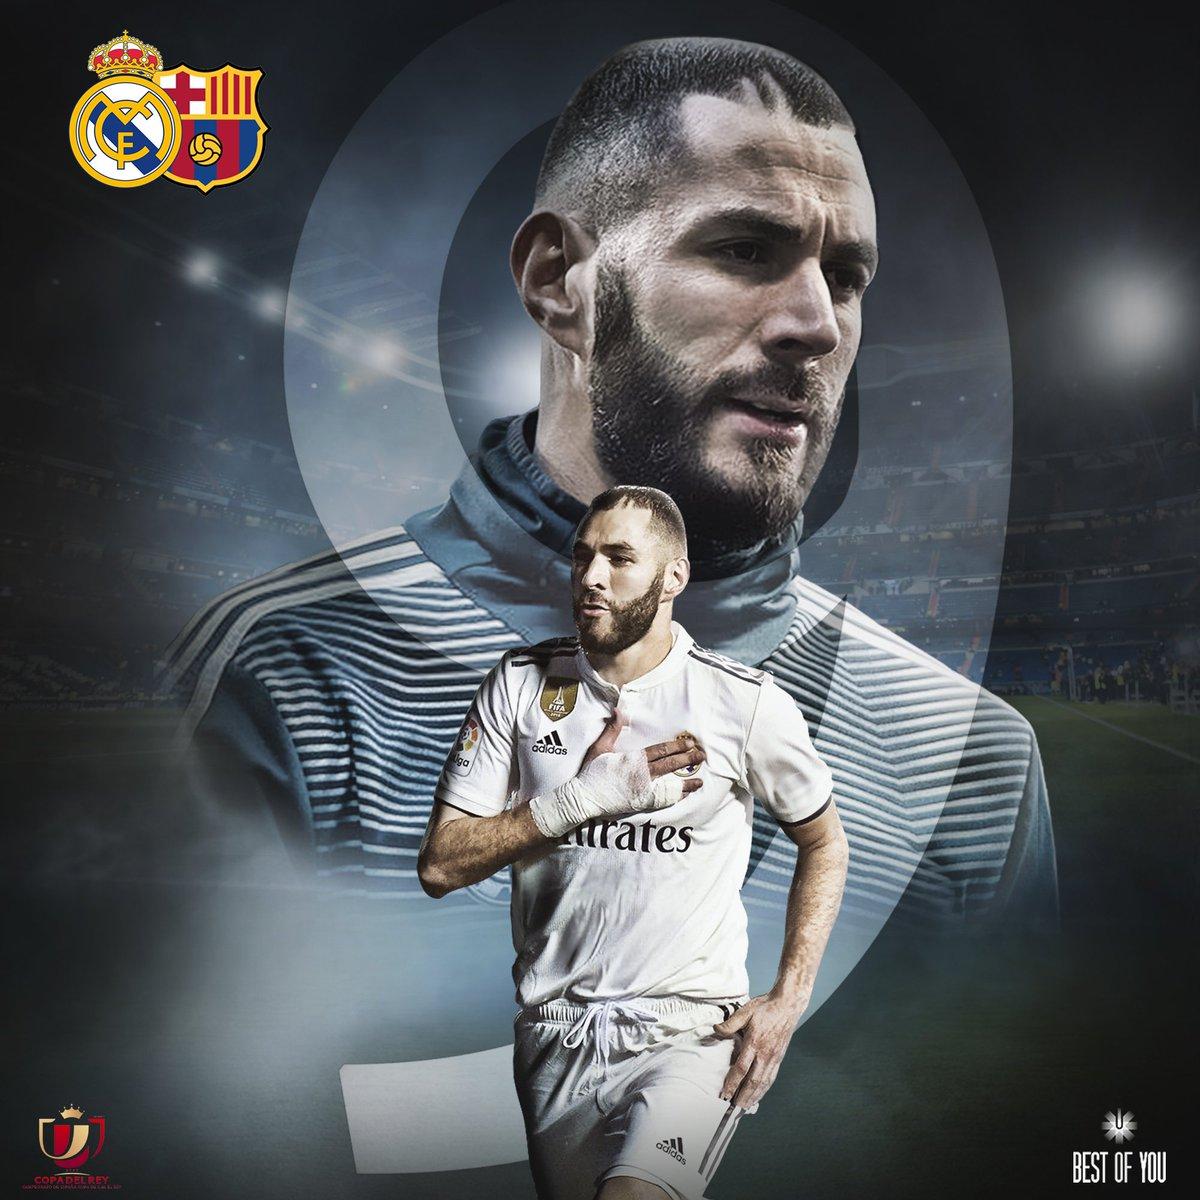 No soy de pedir, pero hoy queremos un Bernabéu que apriete. A por la final!! #HalaMadrid 🔥 💯 ⚽